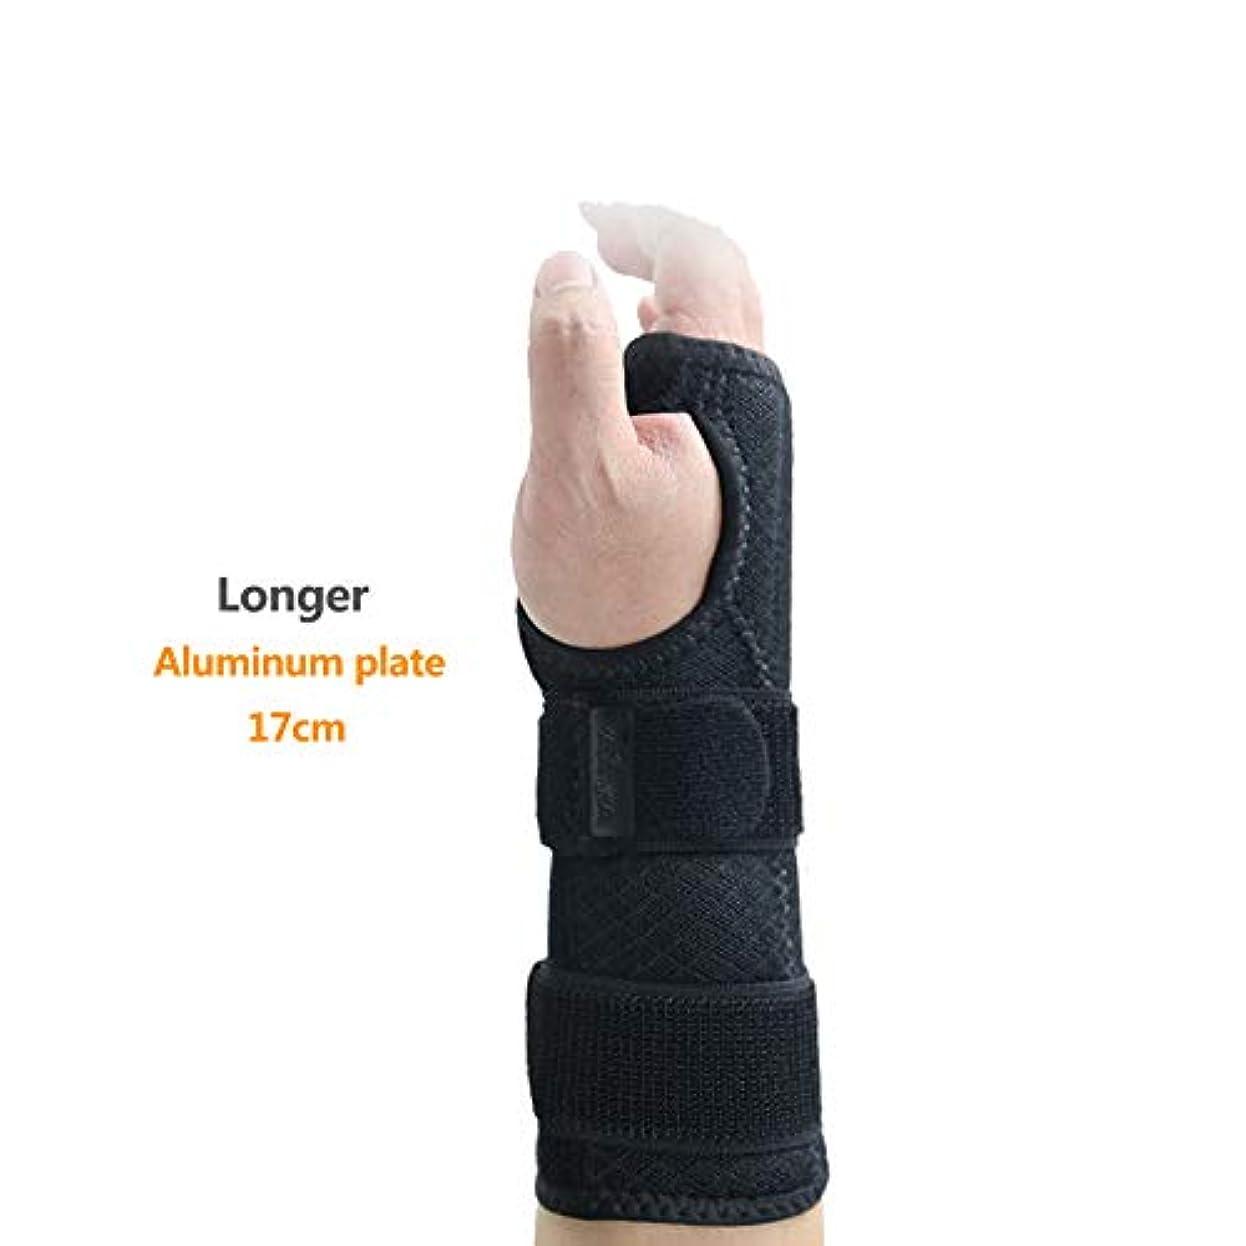 修正タービン民間リムーバブルスプリント鋼板および調節可能なラップと手首ラップサポート、手根管腱鞘炎手首の痛みを軽減捻挫のためのサポート